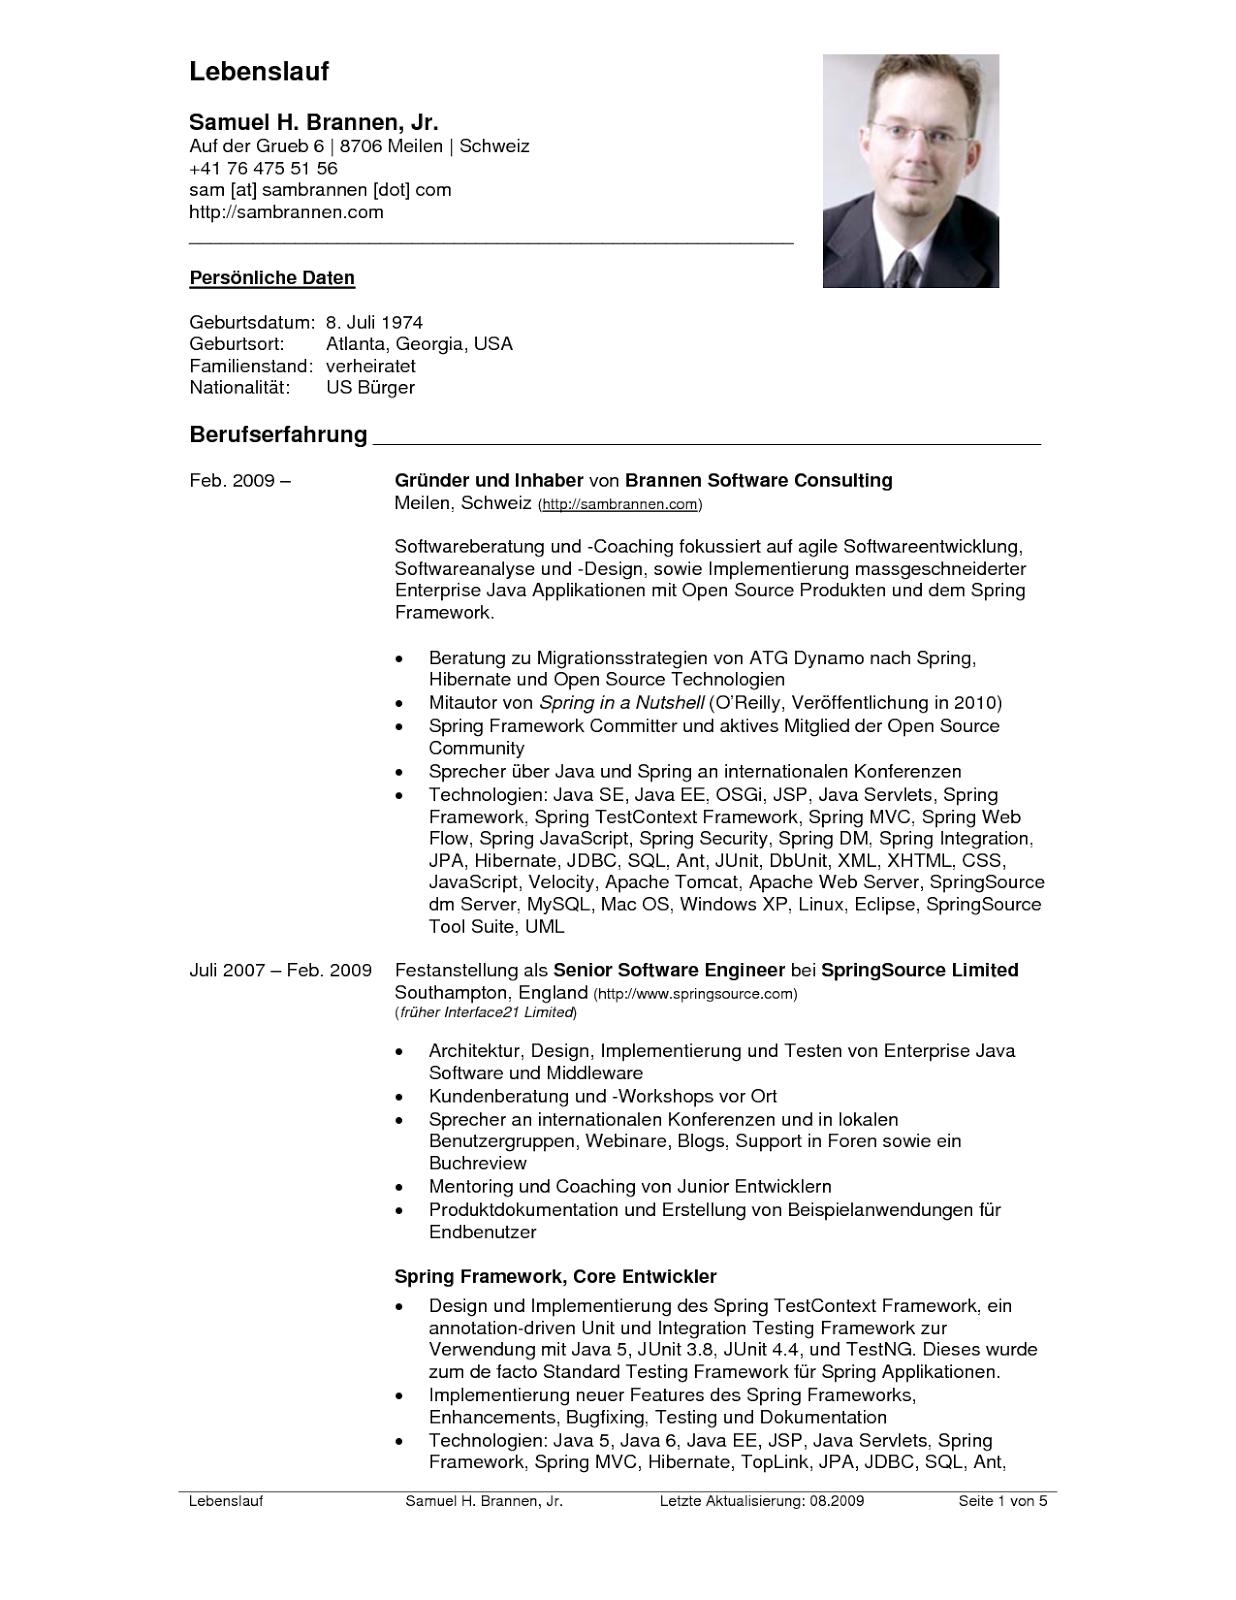 Lebenslauf Vorlage Schweiz Dokument Blogs Wichtige Dokumente